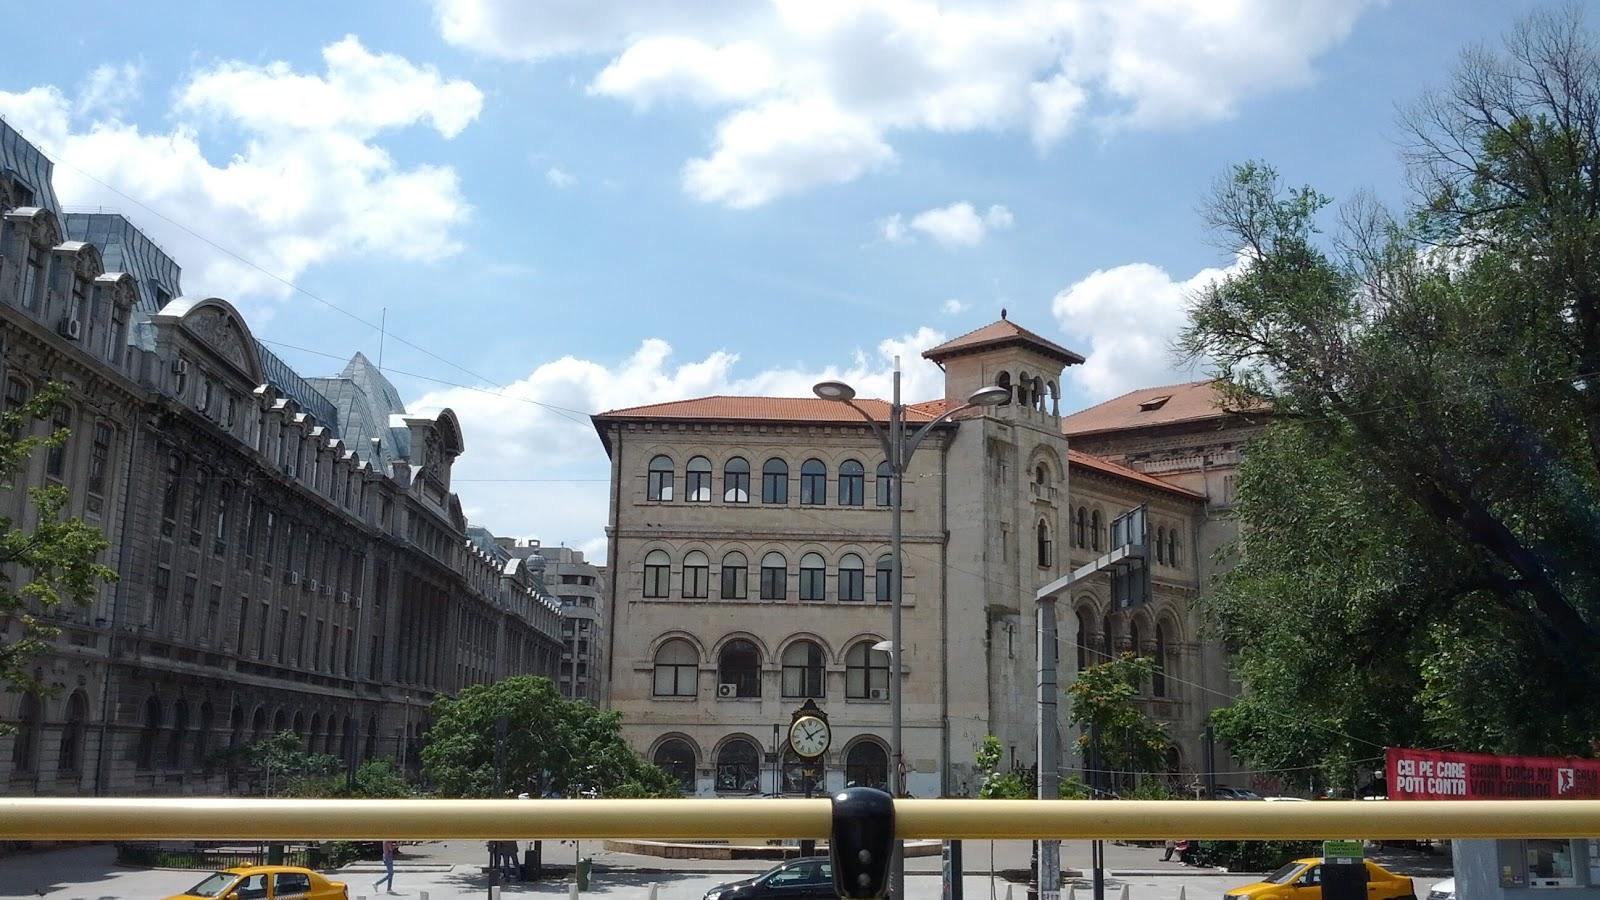 """Universitate - Ceasul de la """"fantana arteziana"""". Se vede Facultatea de Matematica (stanga) si Facultatea de Arhitectura (centru)"""